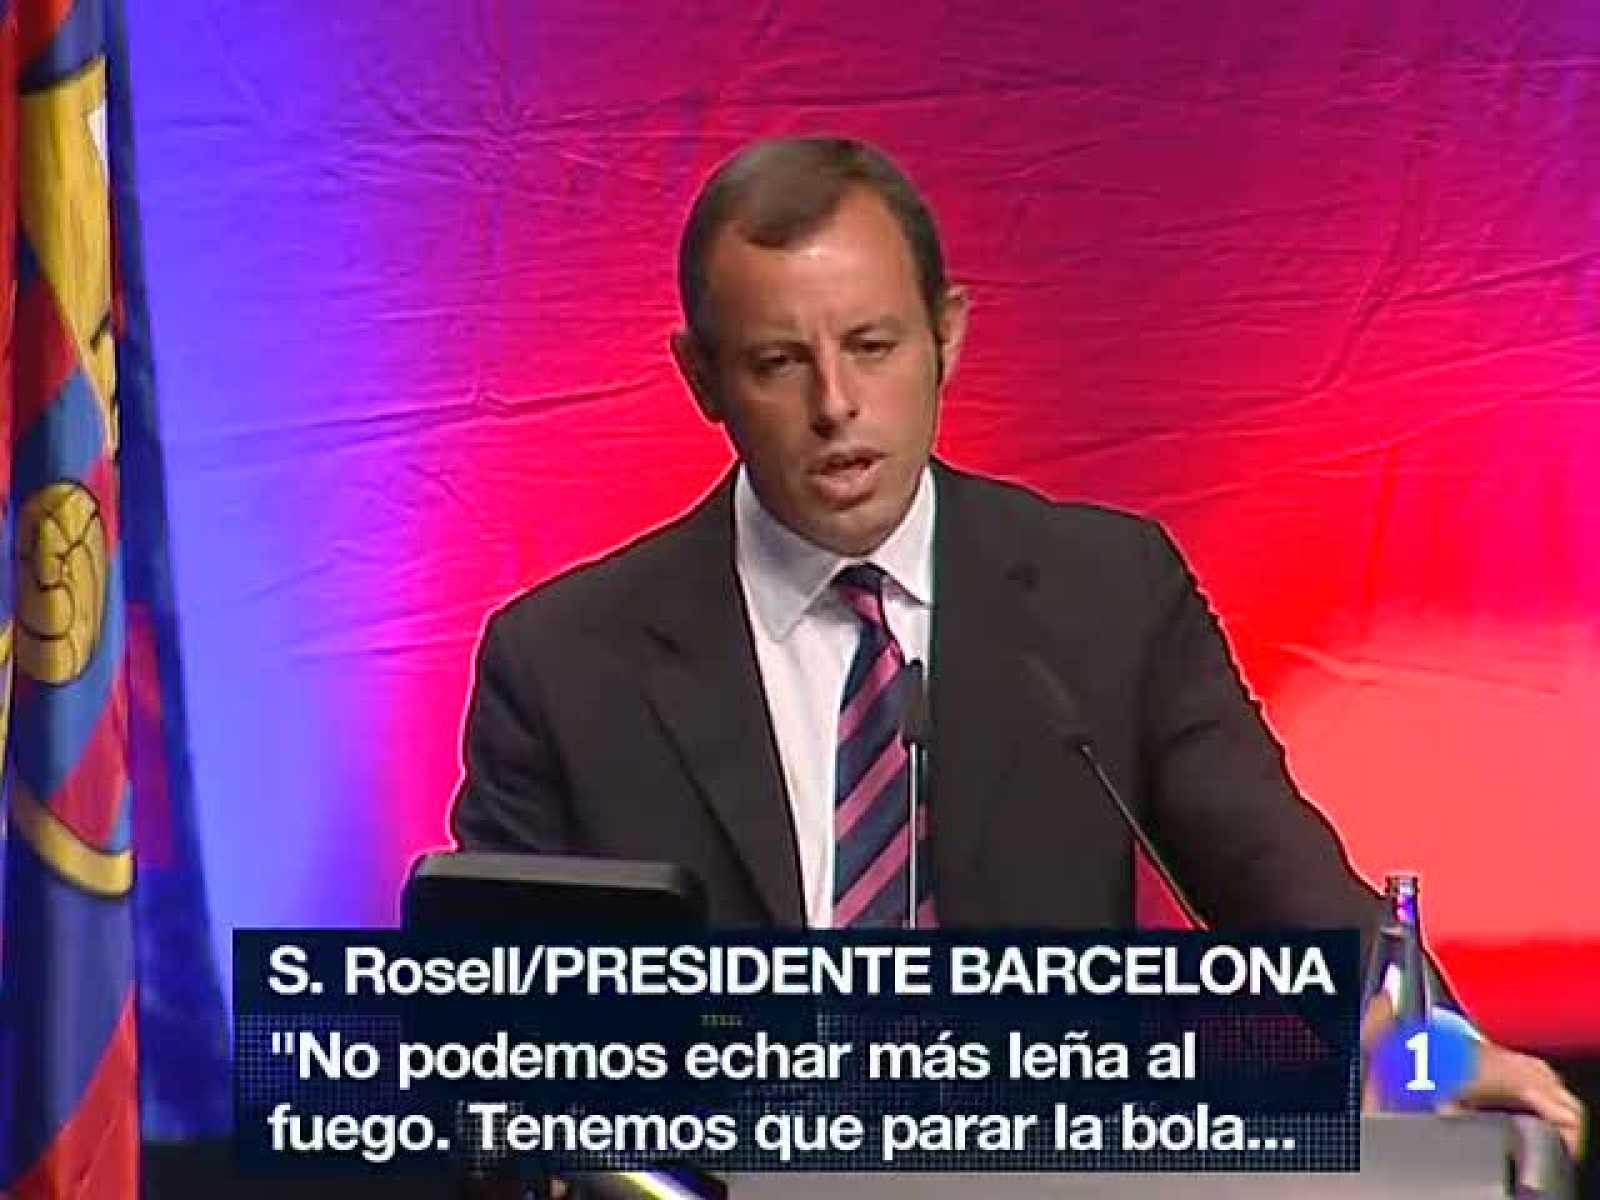 Enésimo epílogo a los incidentes de la Supercopa de España entre el Barça y el Real Madrid. El presidente barcelonista Sandro Rosell ha dejado clara la postura de su club en los hechos y ha hecho un nuevo llamamiento a la cordura.